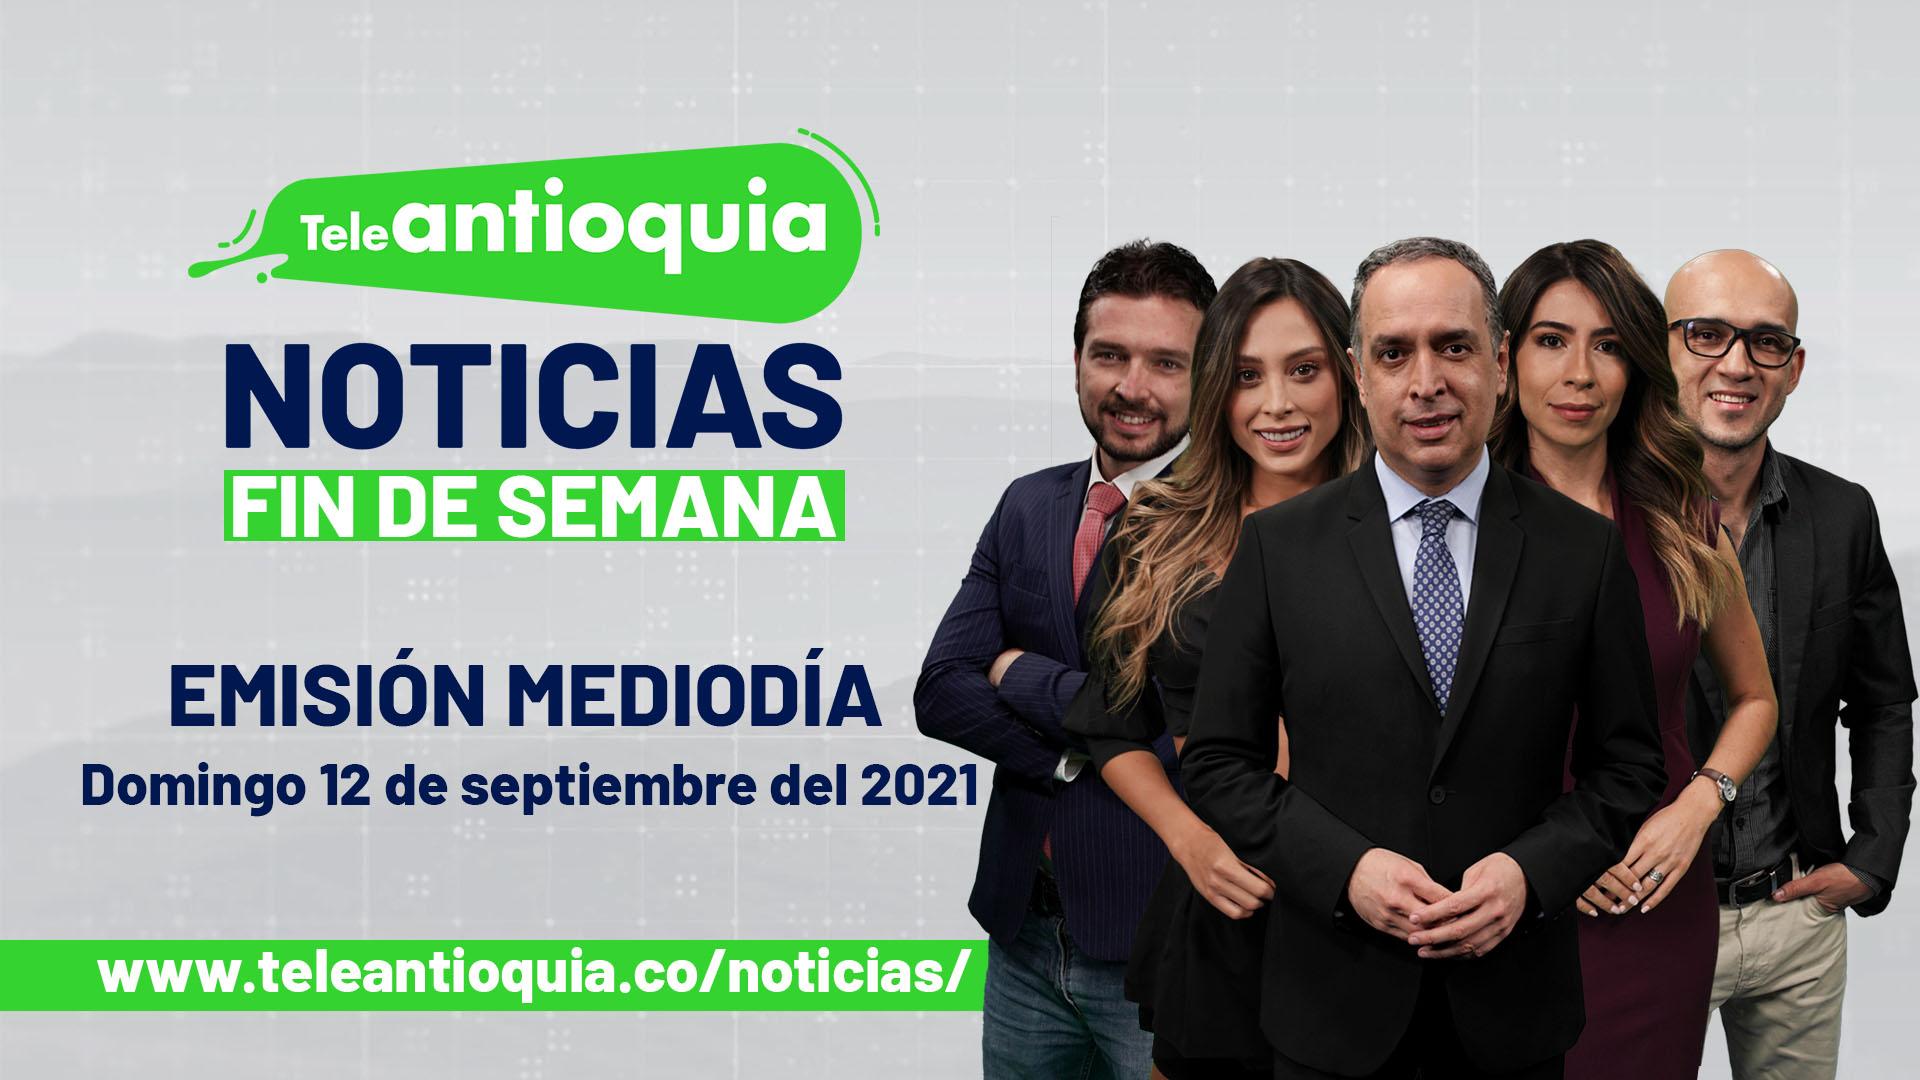 Teleantioquia Noticias – domingo 12 de septiembre de 2021 mediodía